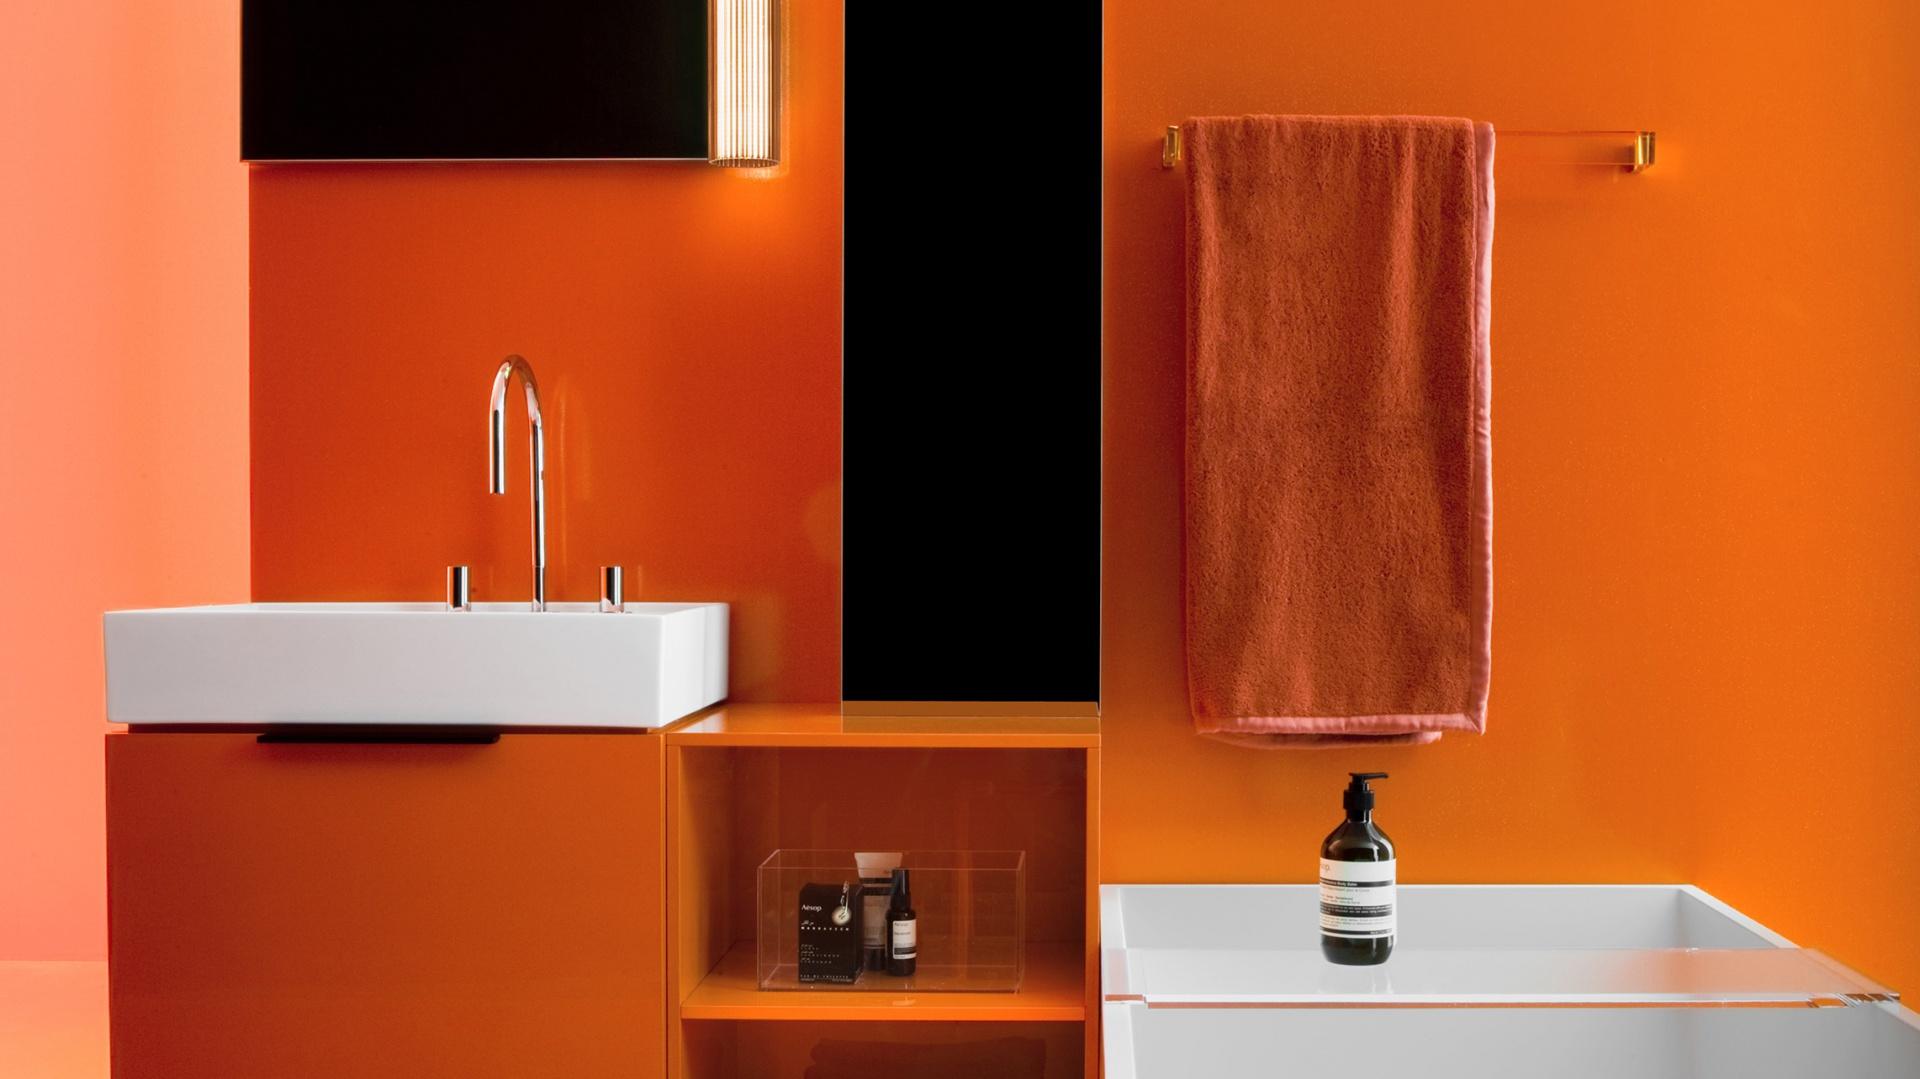 Nowa kolekcja wyposażenia łazienki Kartell by Laufen. Fot. Kartell by Laufen